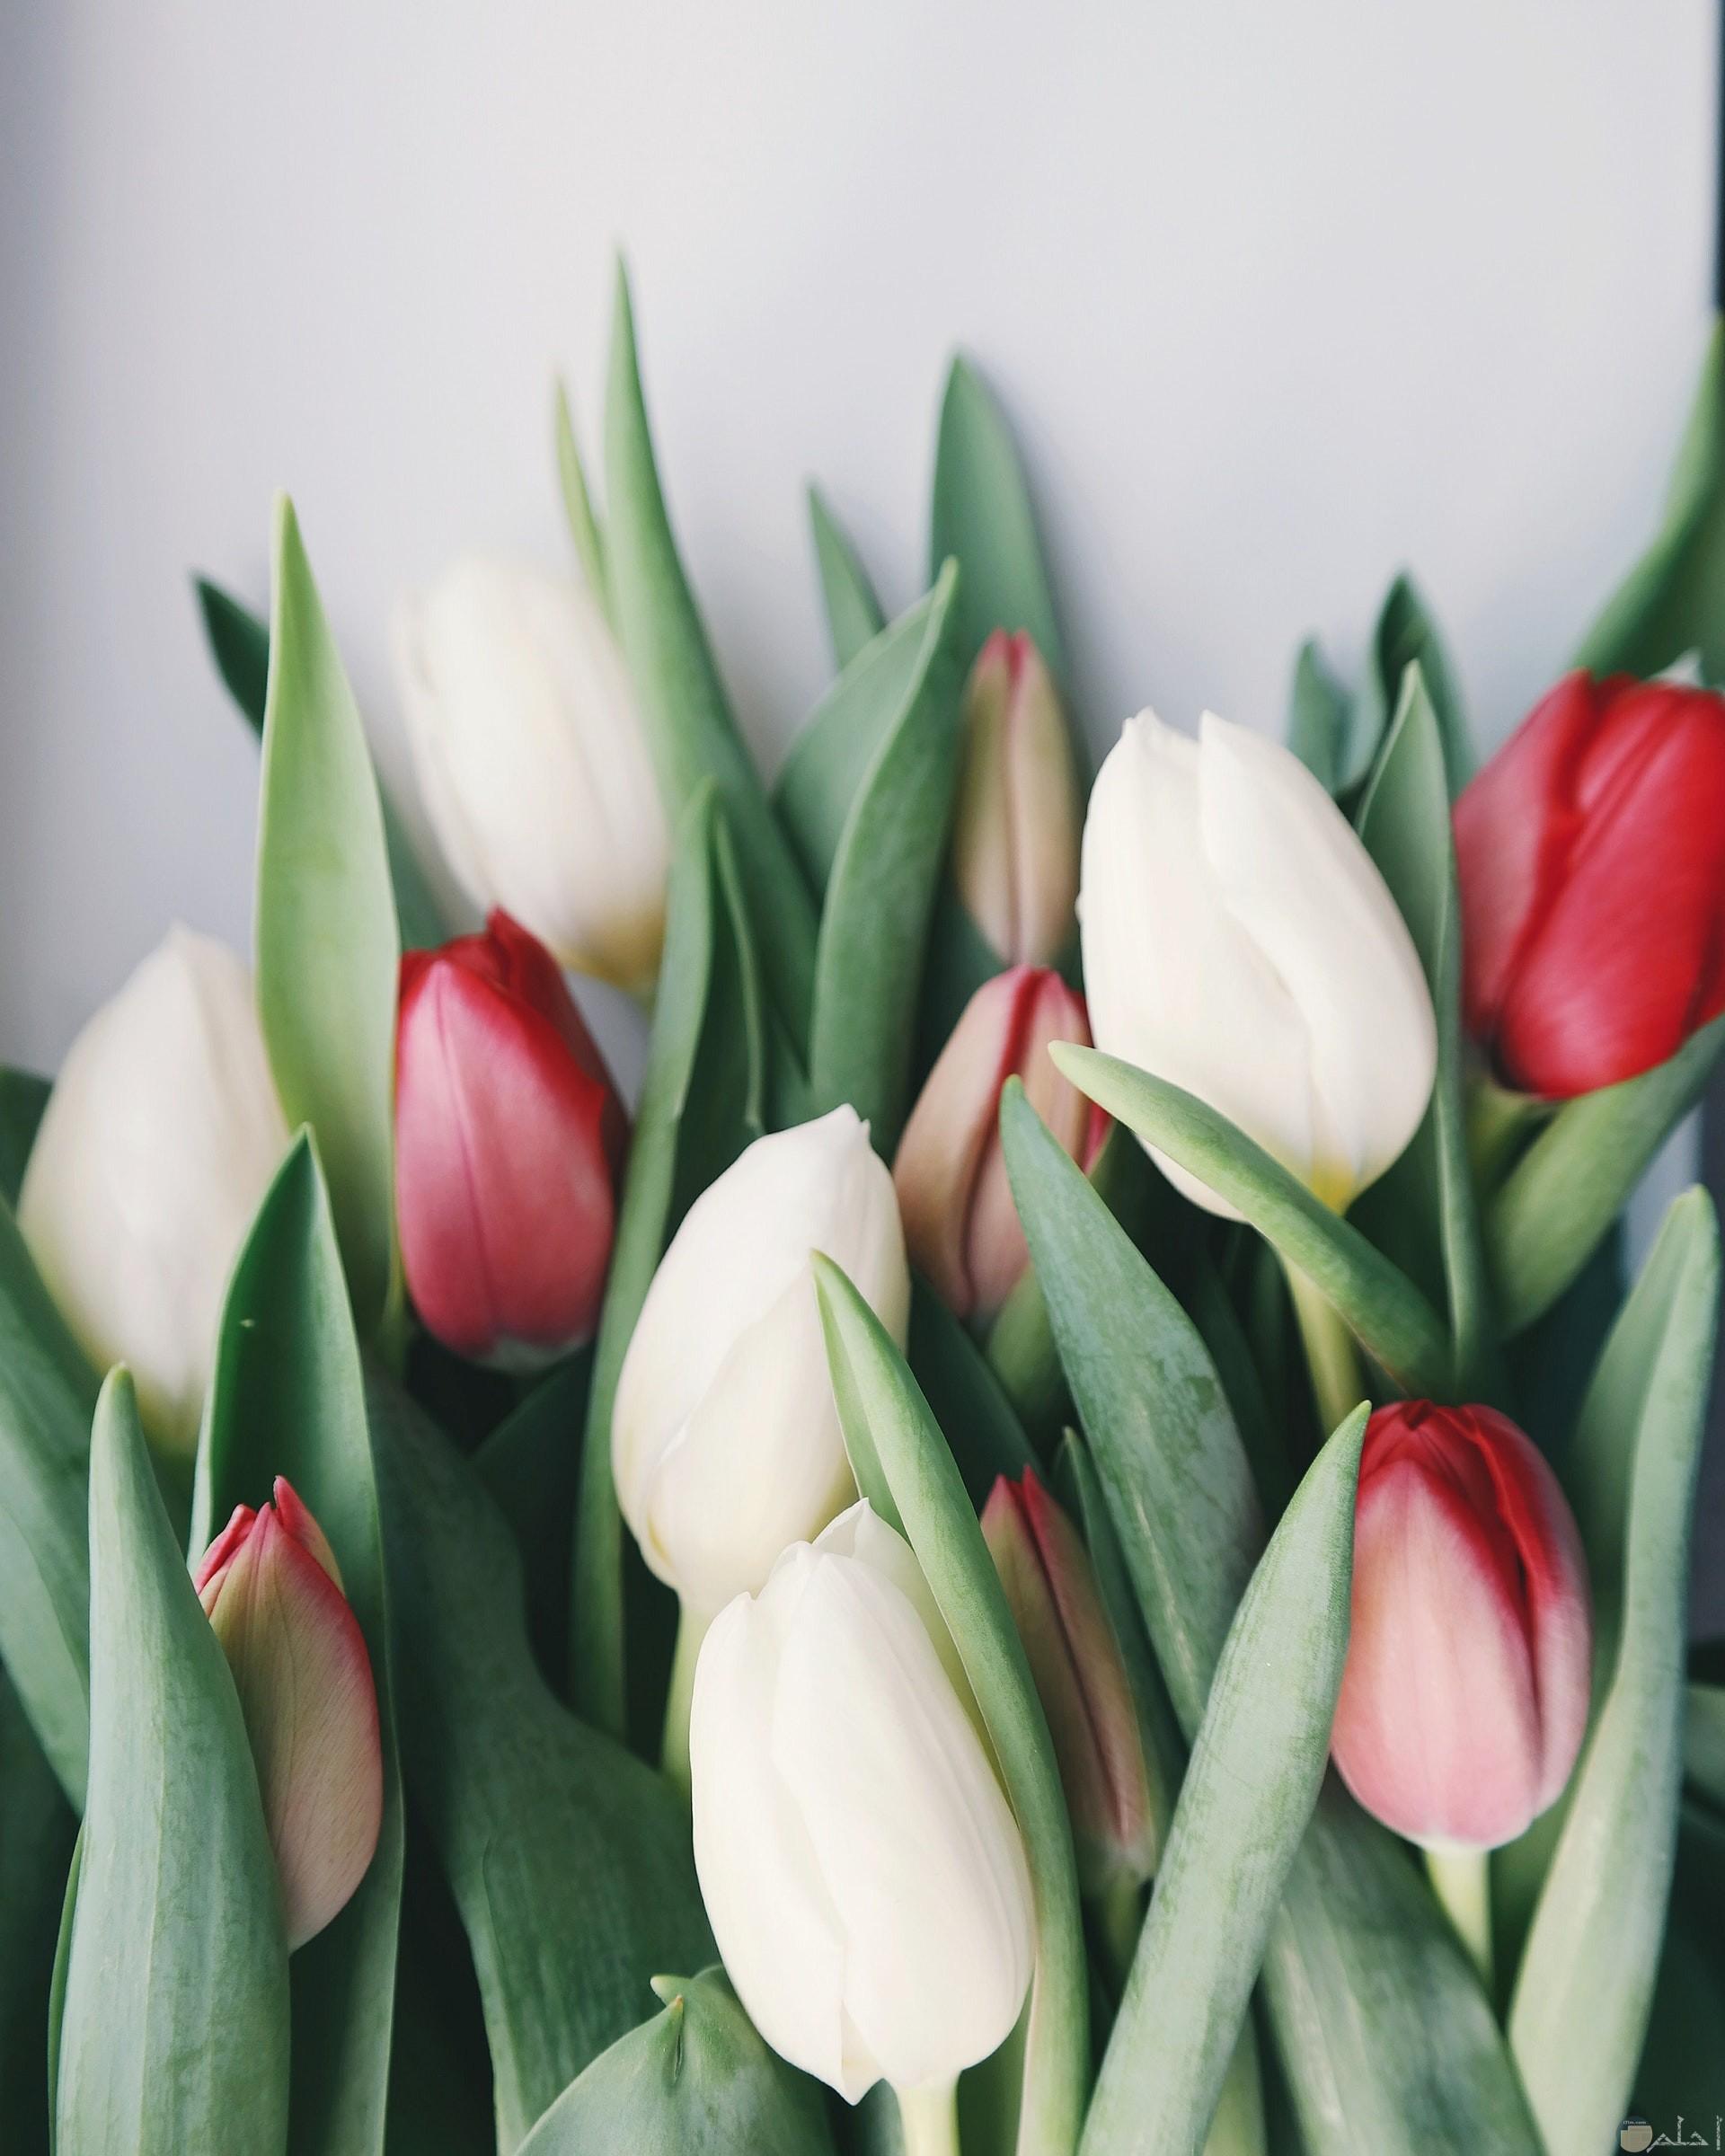 صورة مميزة لورد أبيض وأحمر جميل مغلق